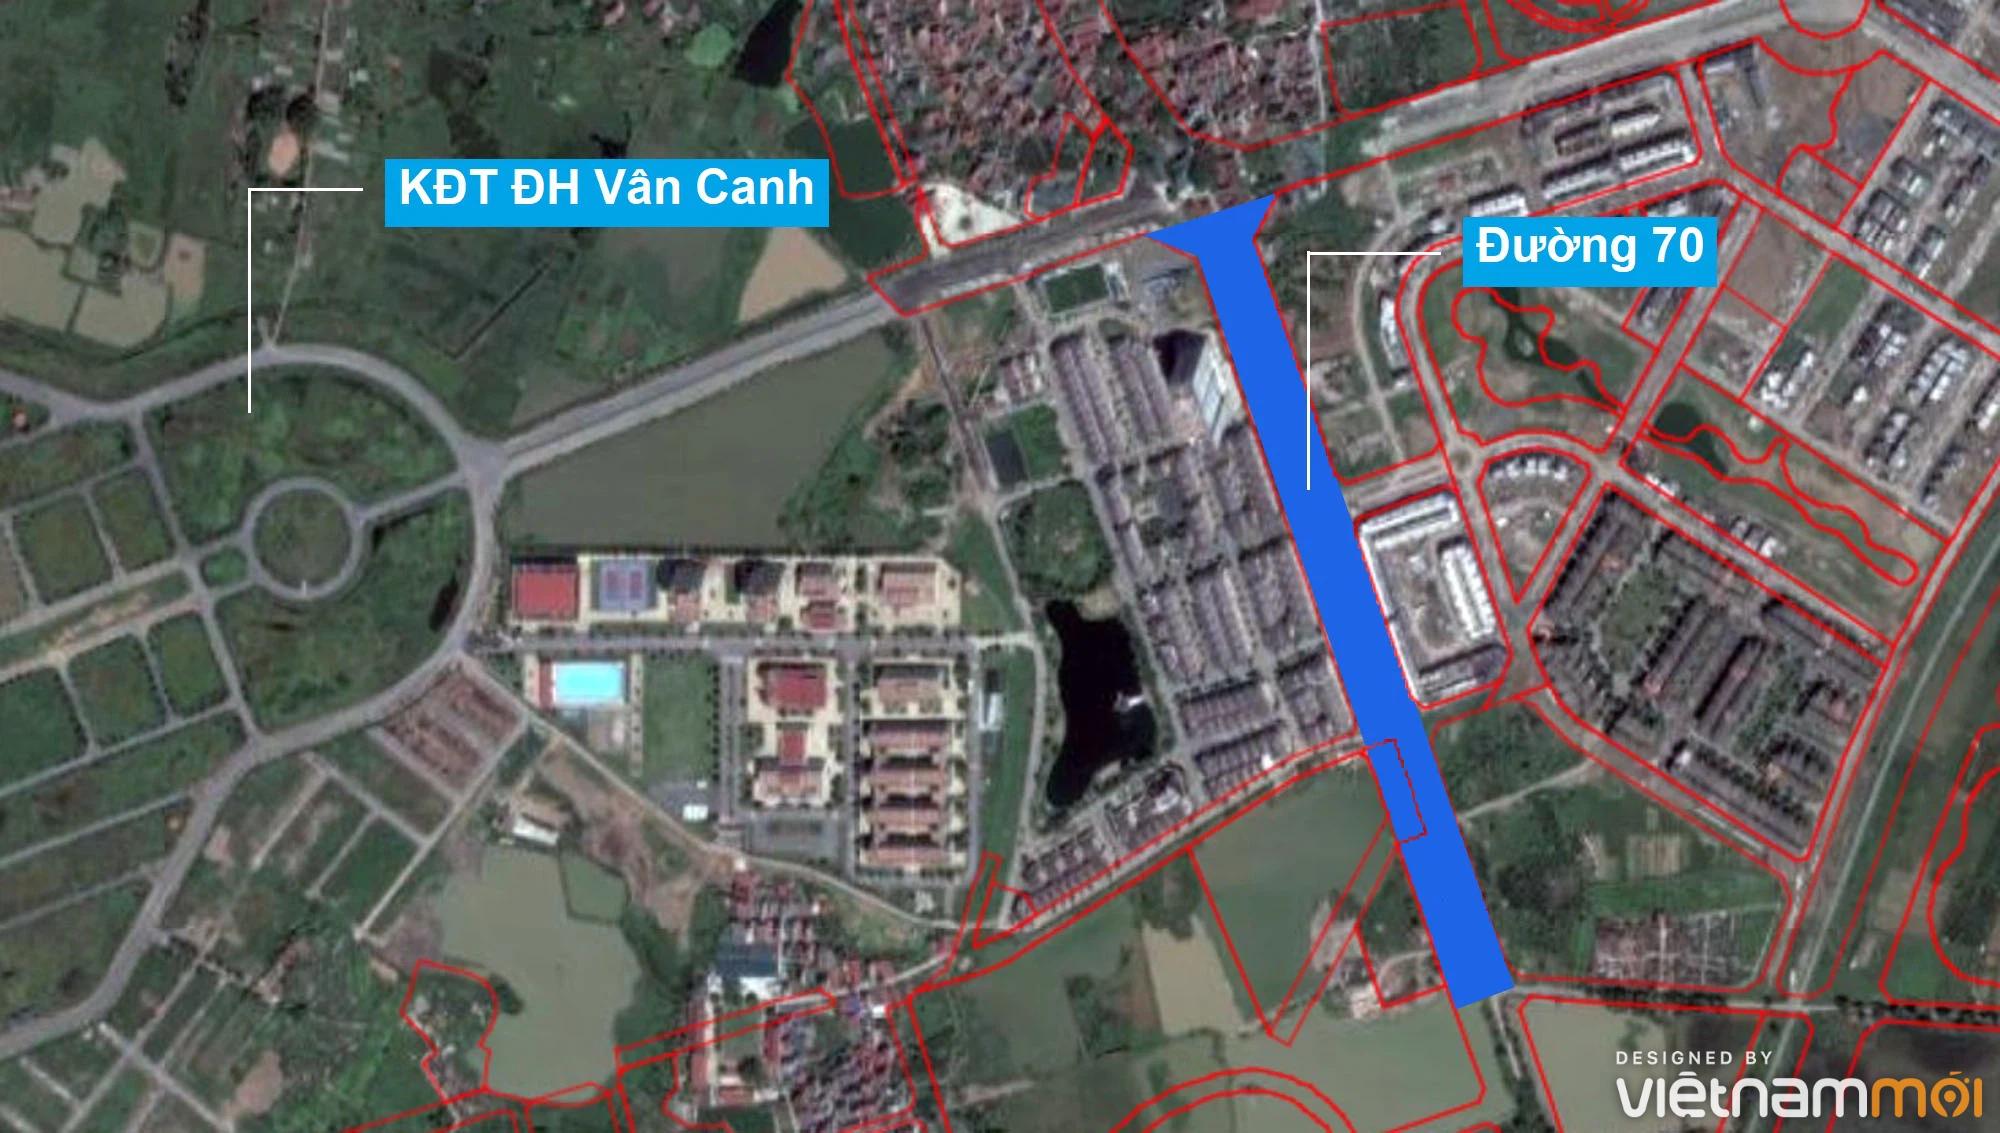 Những khu đất sắp thu hồi để mở đường ở phường Xuân Phương, Nam Từ Liêm, Hà Nội (phần 3) - Ảnh 11.